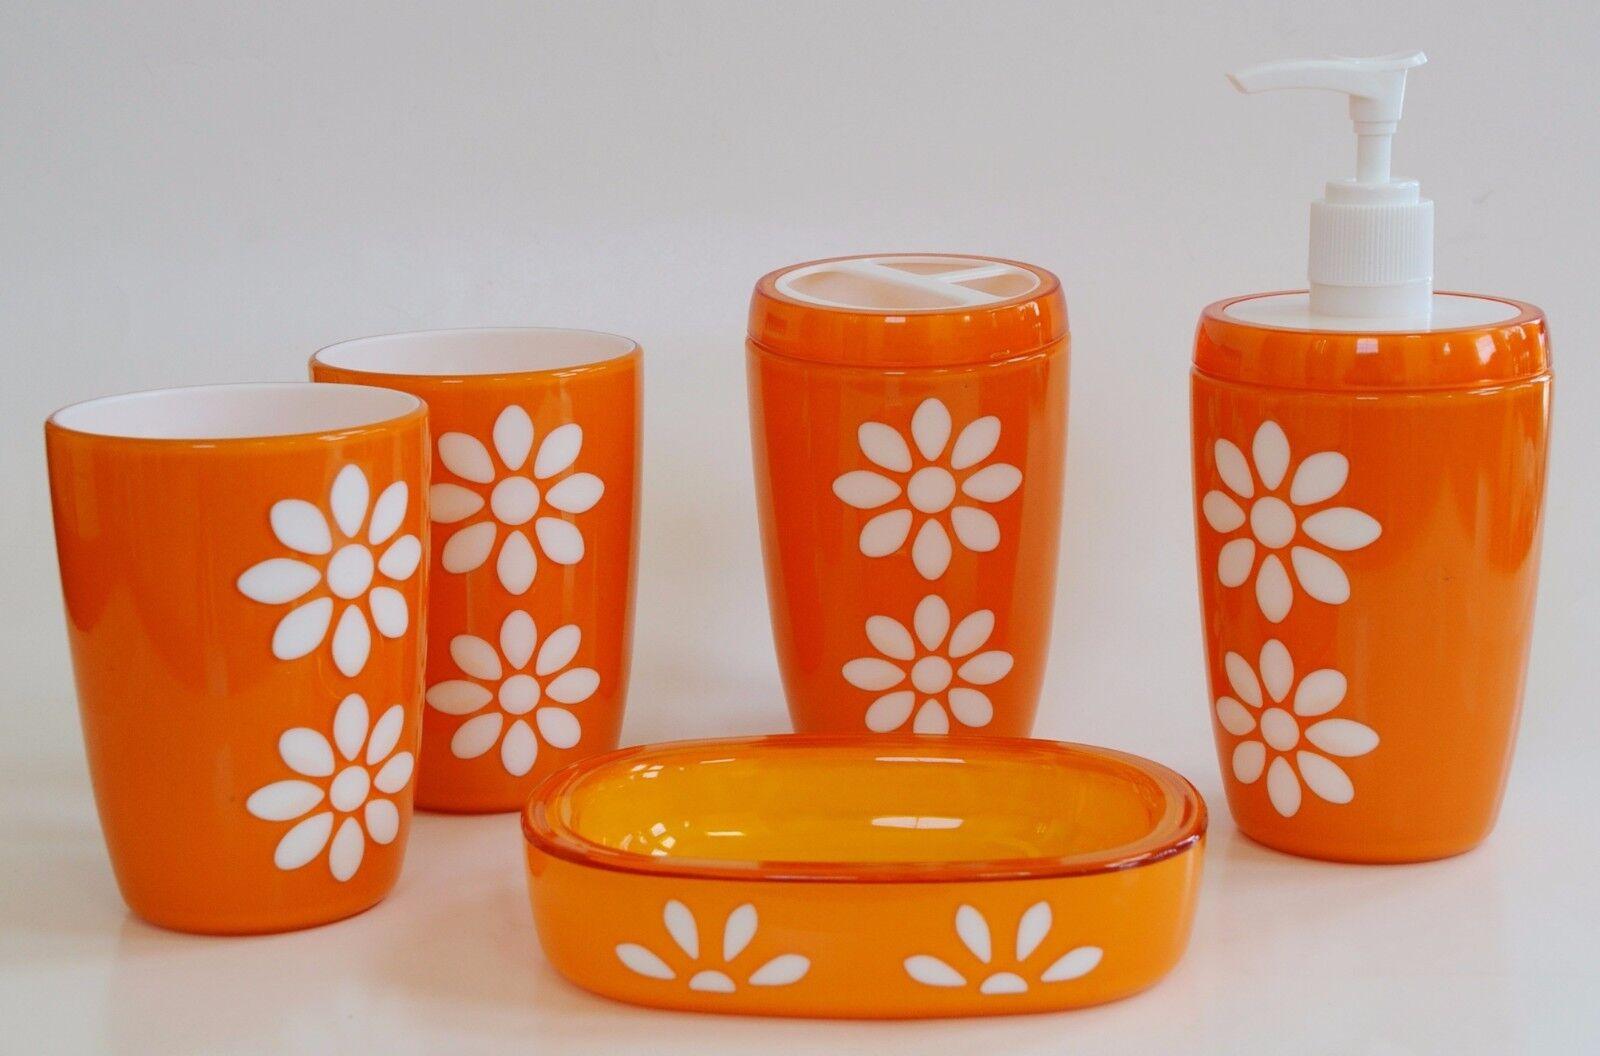 Neu 5 Teile Set Orange + Weiße Blaume Seifenspender + Schale+2 Becher+Zahnbürste+